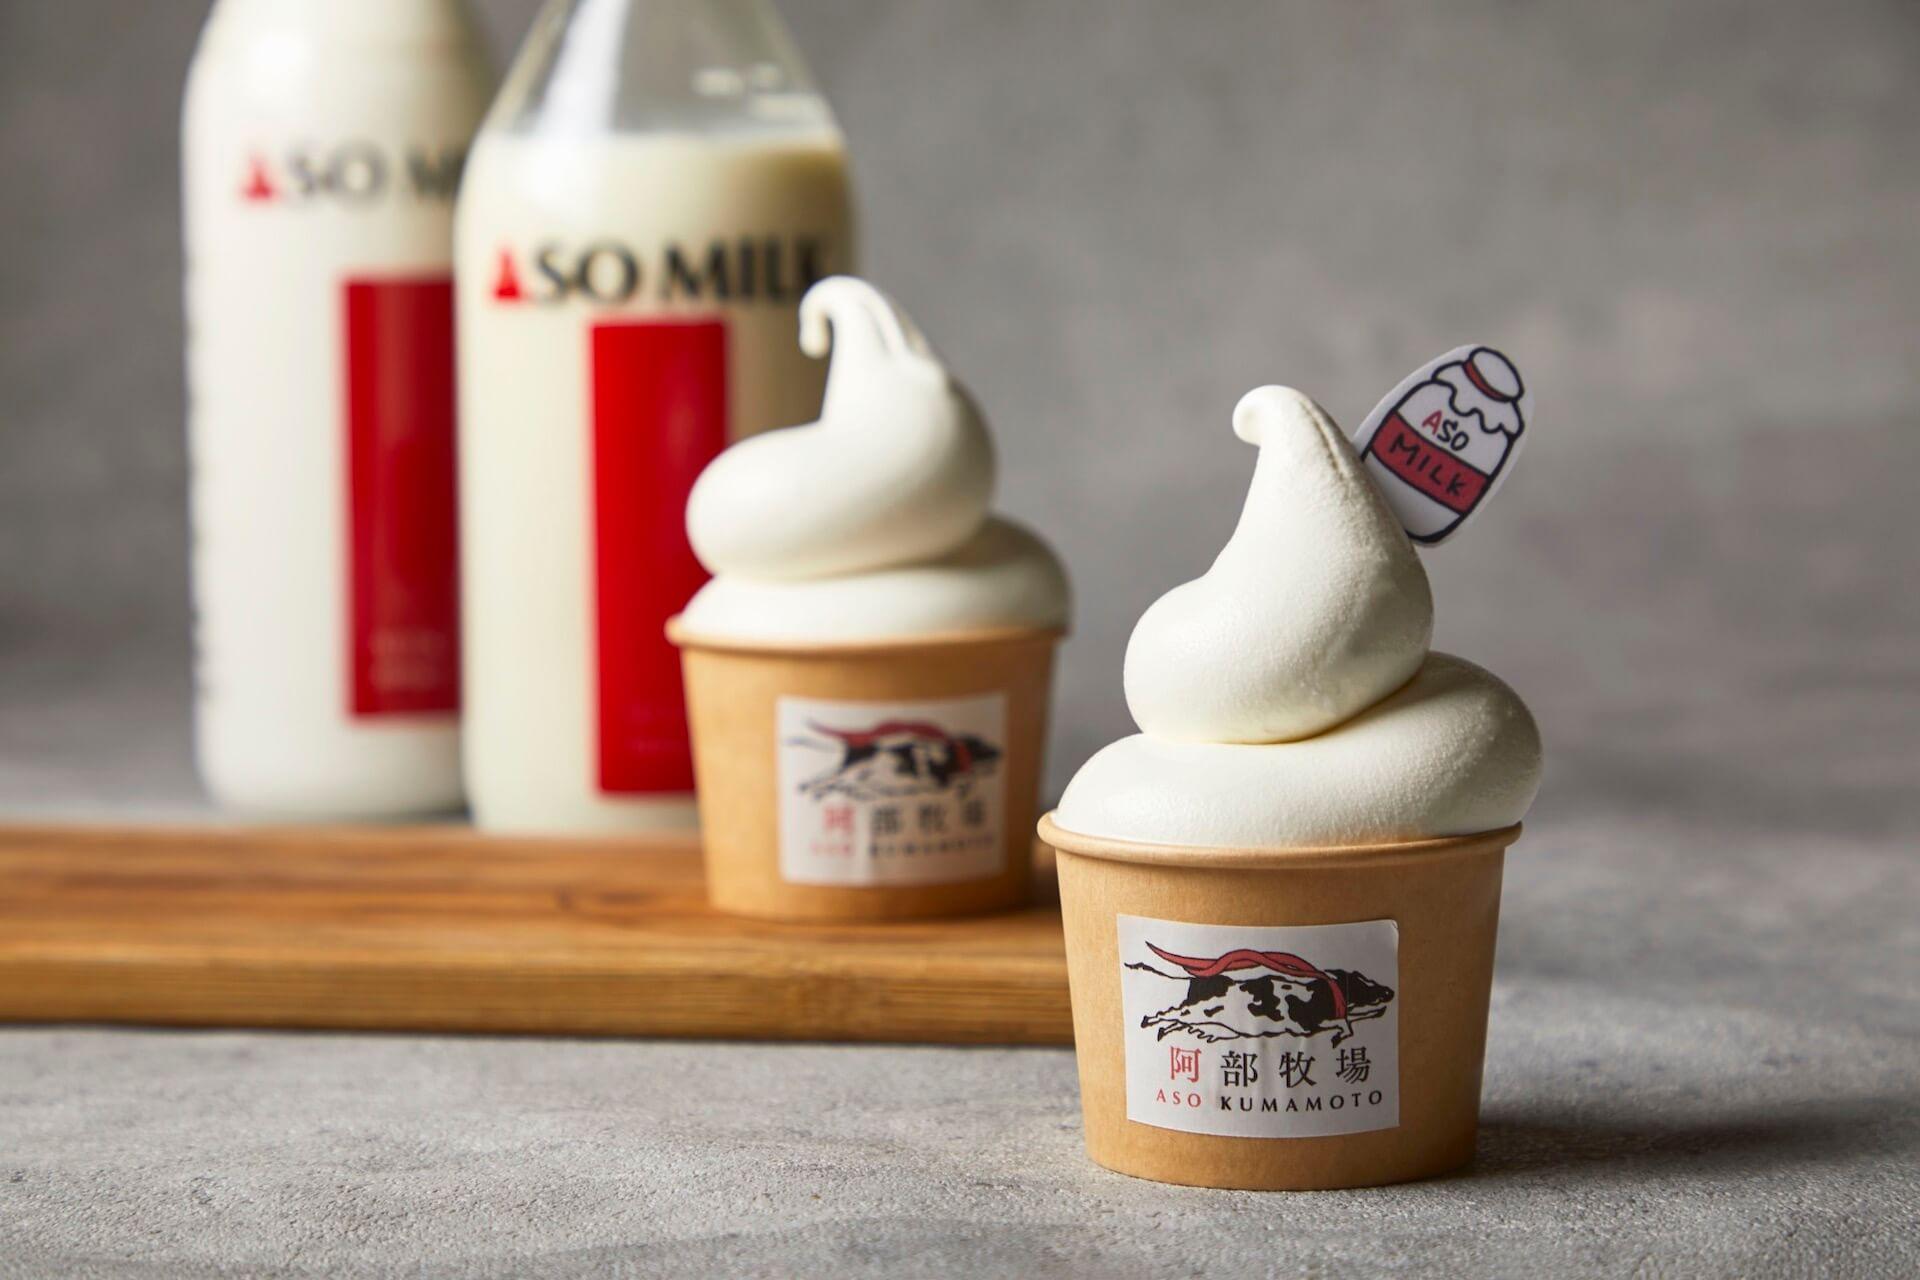 熊本・ASO MILKを使った超濃厚なマリトッツォ&ソフトクリームがBAKE&MILKで本日発売! gourmet210408_bakeandmilk_4